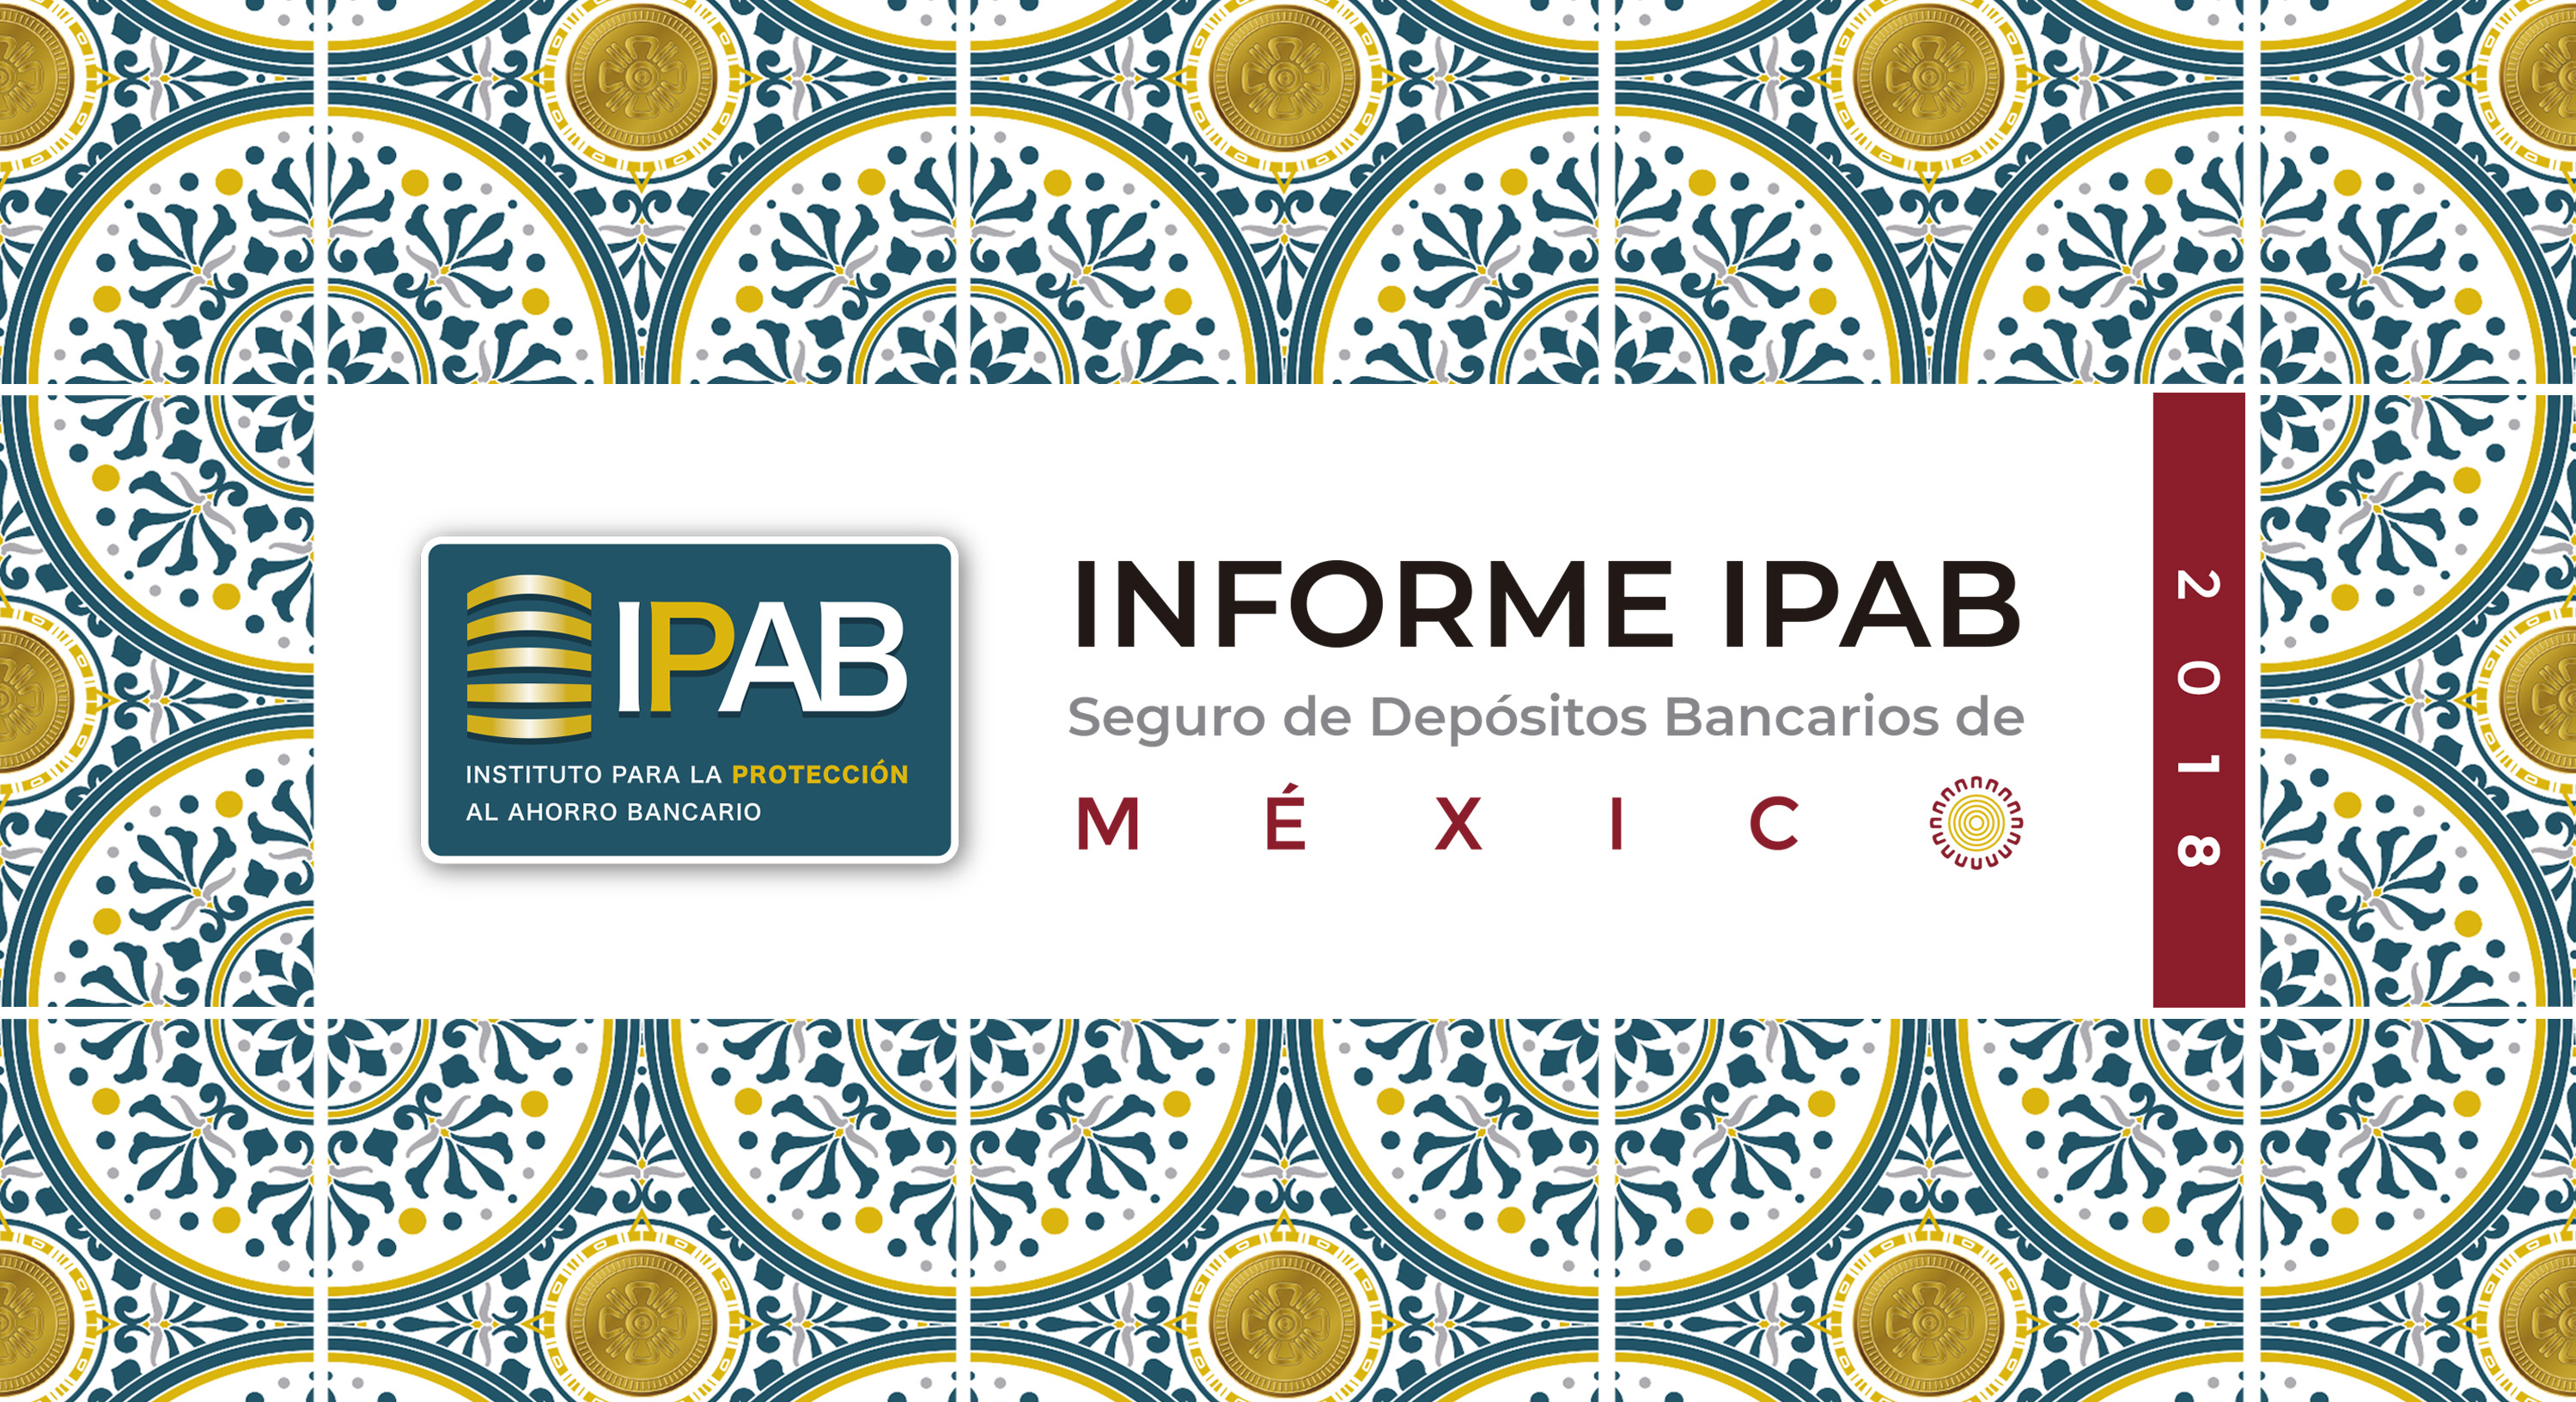 Informe IPAB Seguro de Depósitos Bancarios de México 2018.